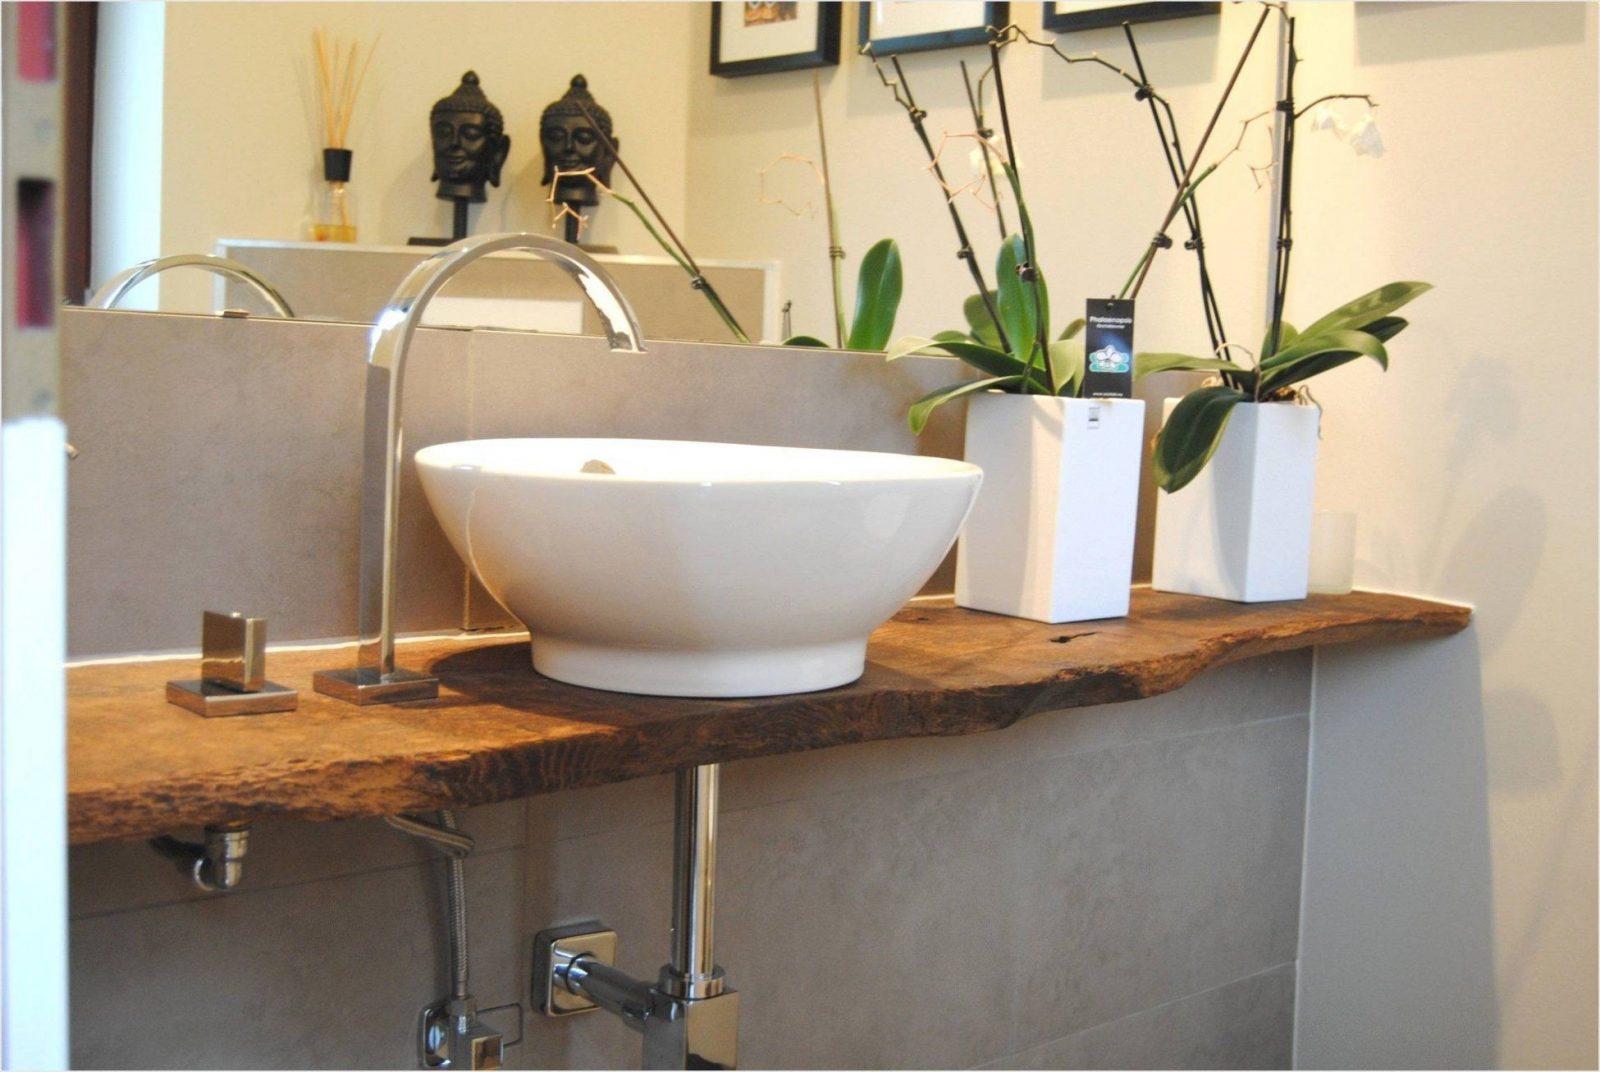 holzbadewanne selber bauen von waschbecken aus holz selber bauen bild haus design ideen. Black Bedroom Furniture Sets. Home Design Ideas